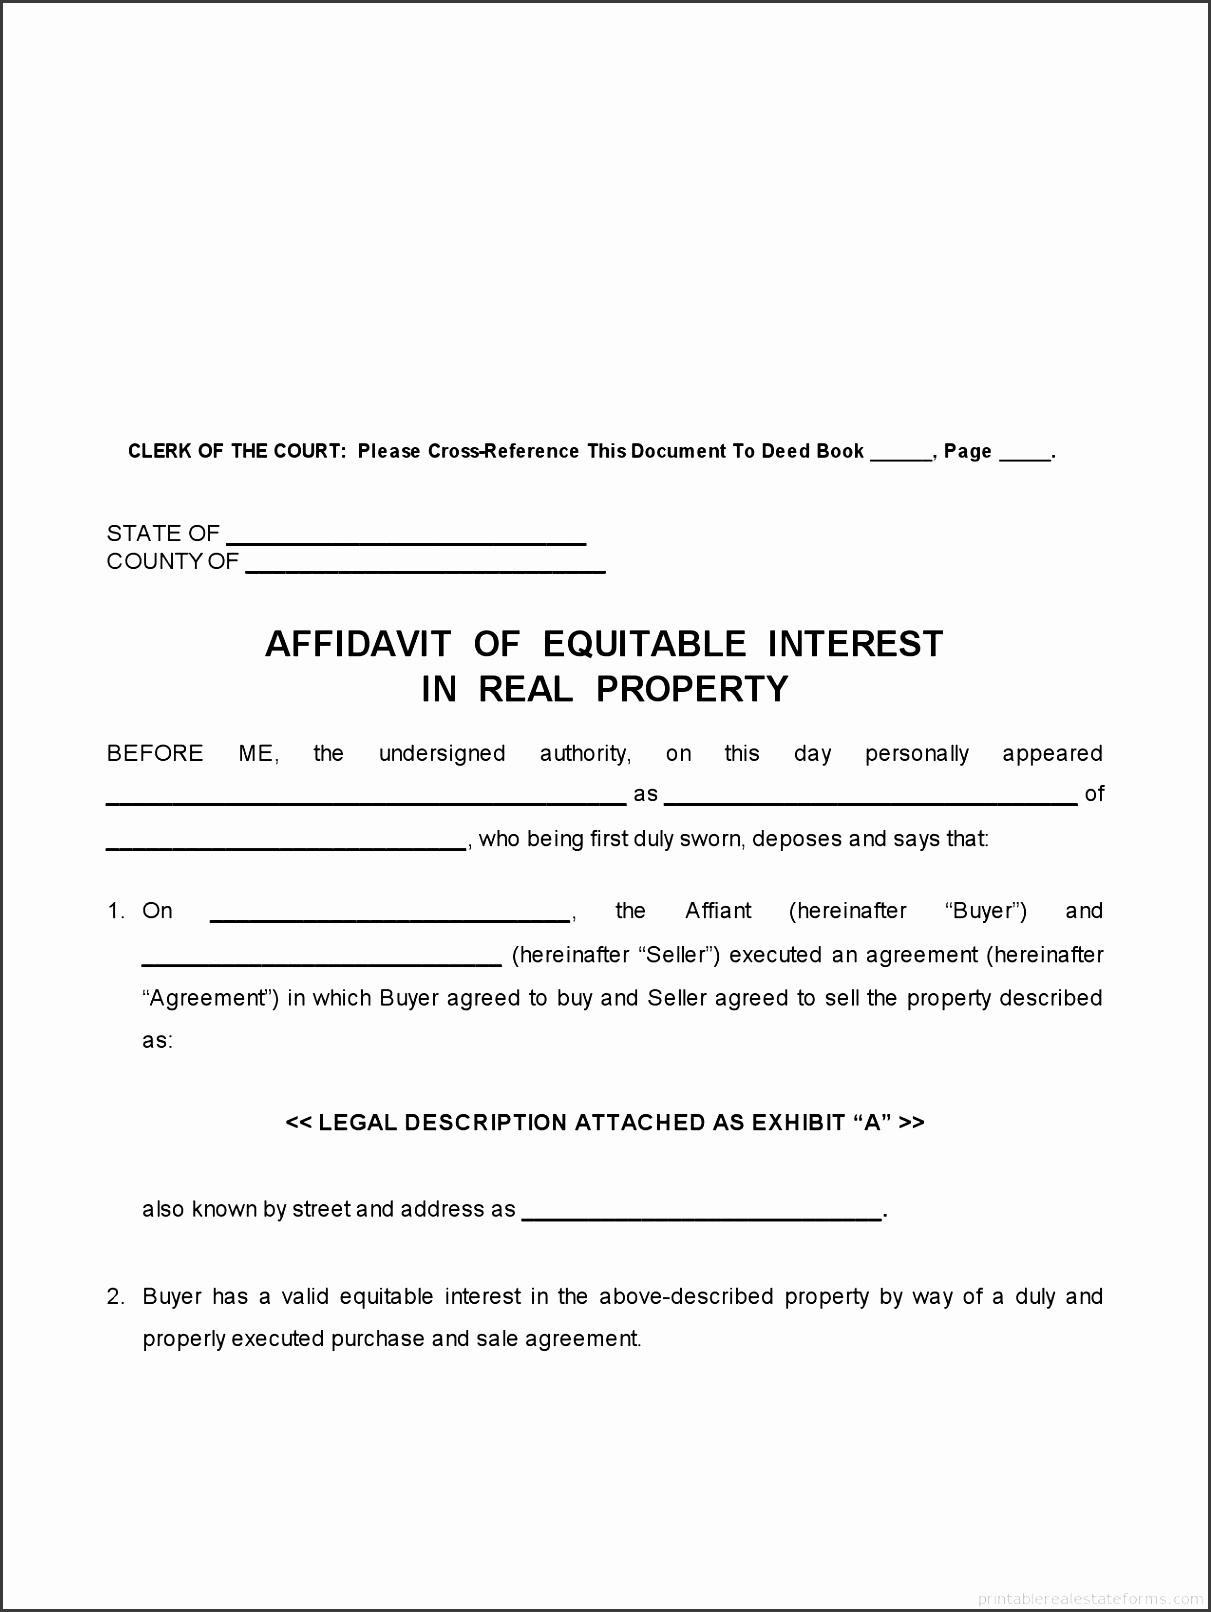 printable sample affidavit of equitable interest form